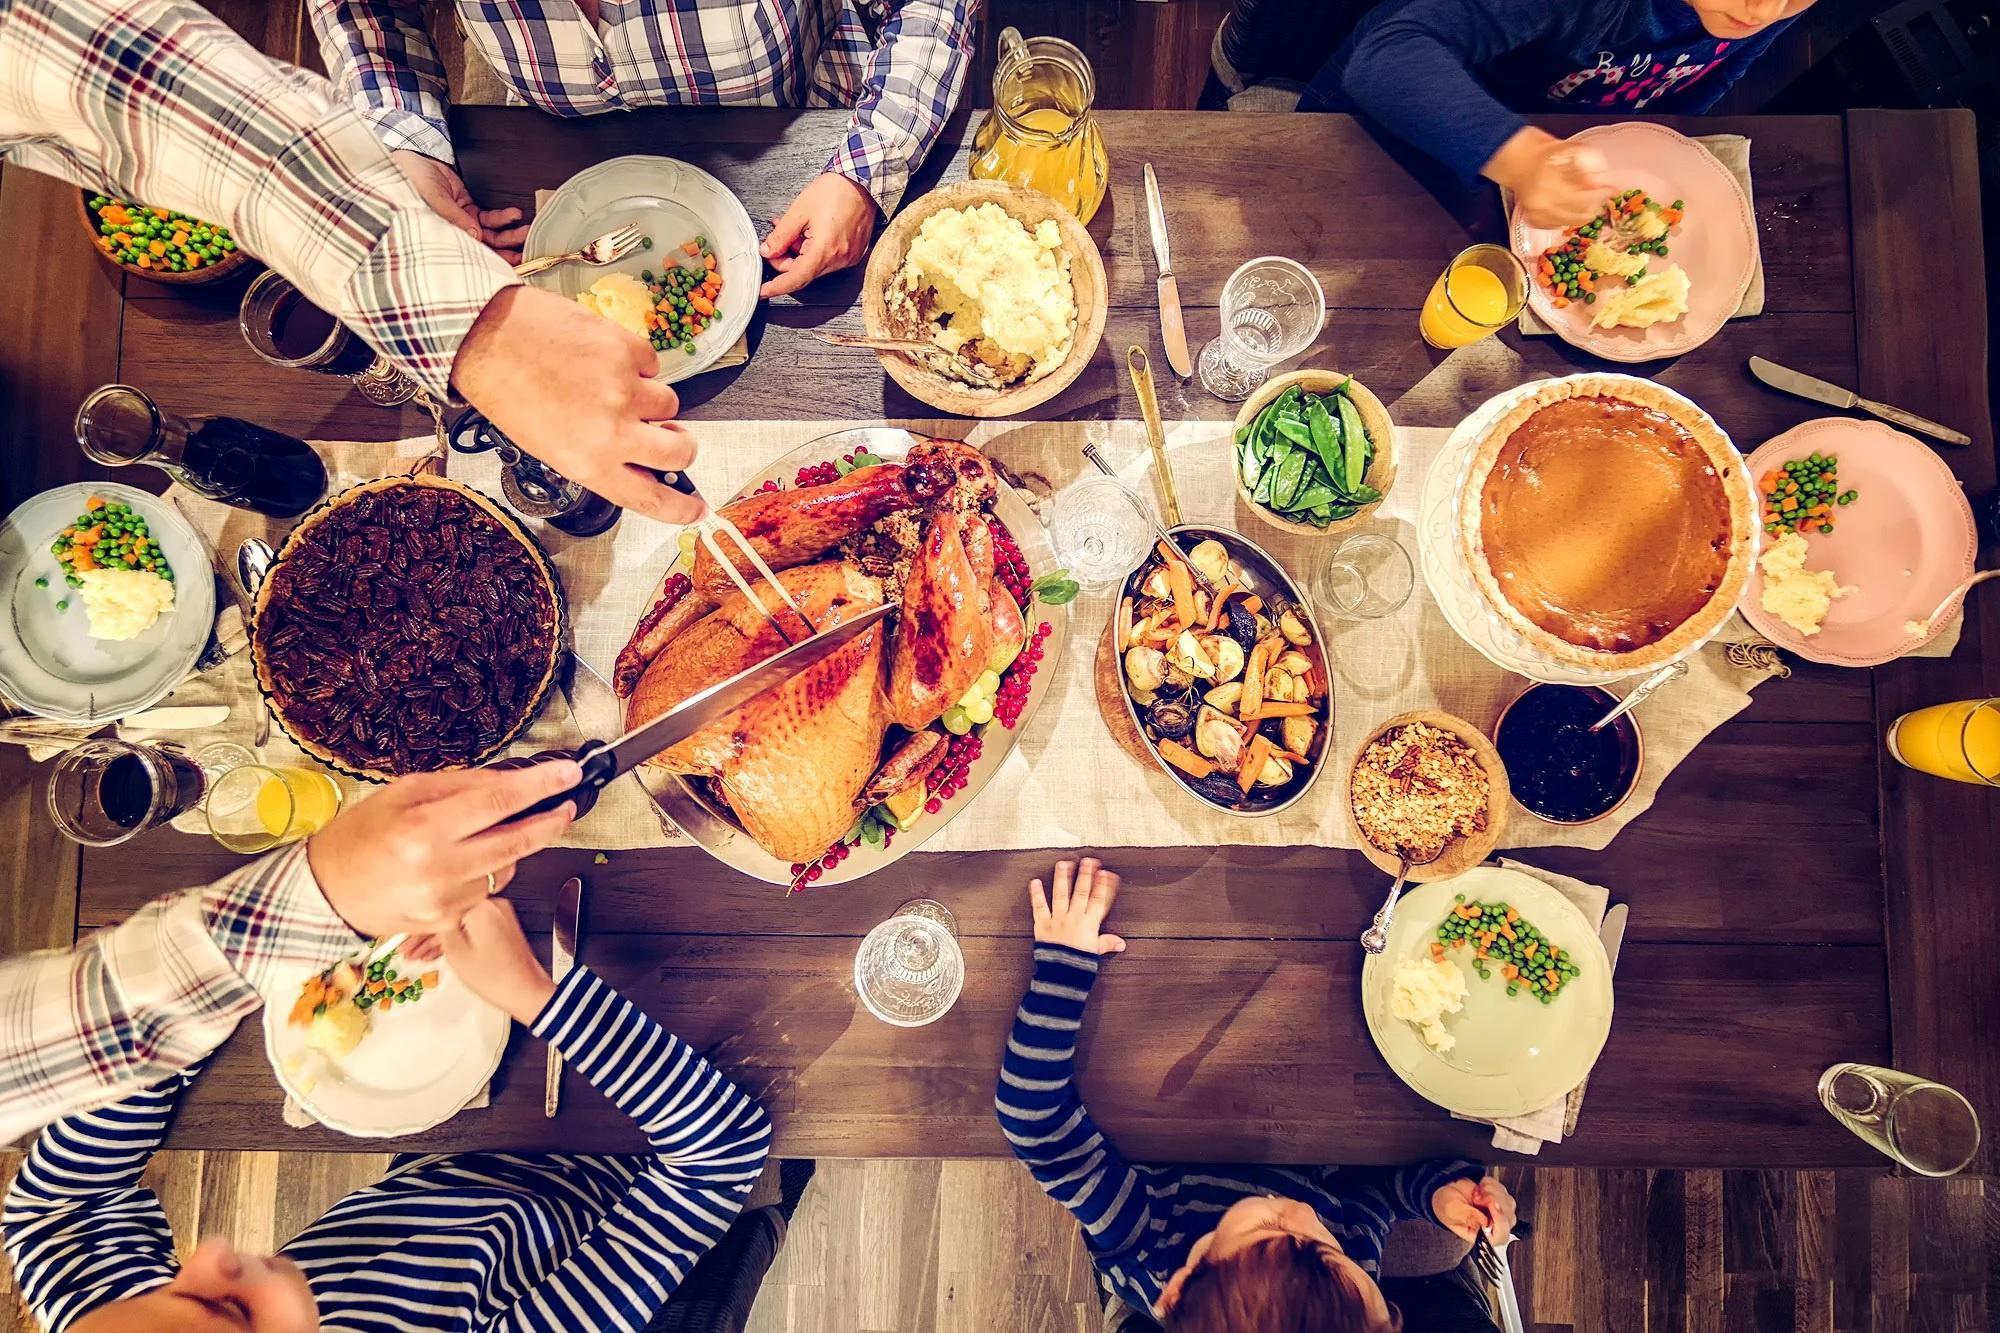 Sai lầm khi ăn tối có thể gây hại sức khỏe Ảnh 1